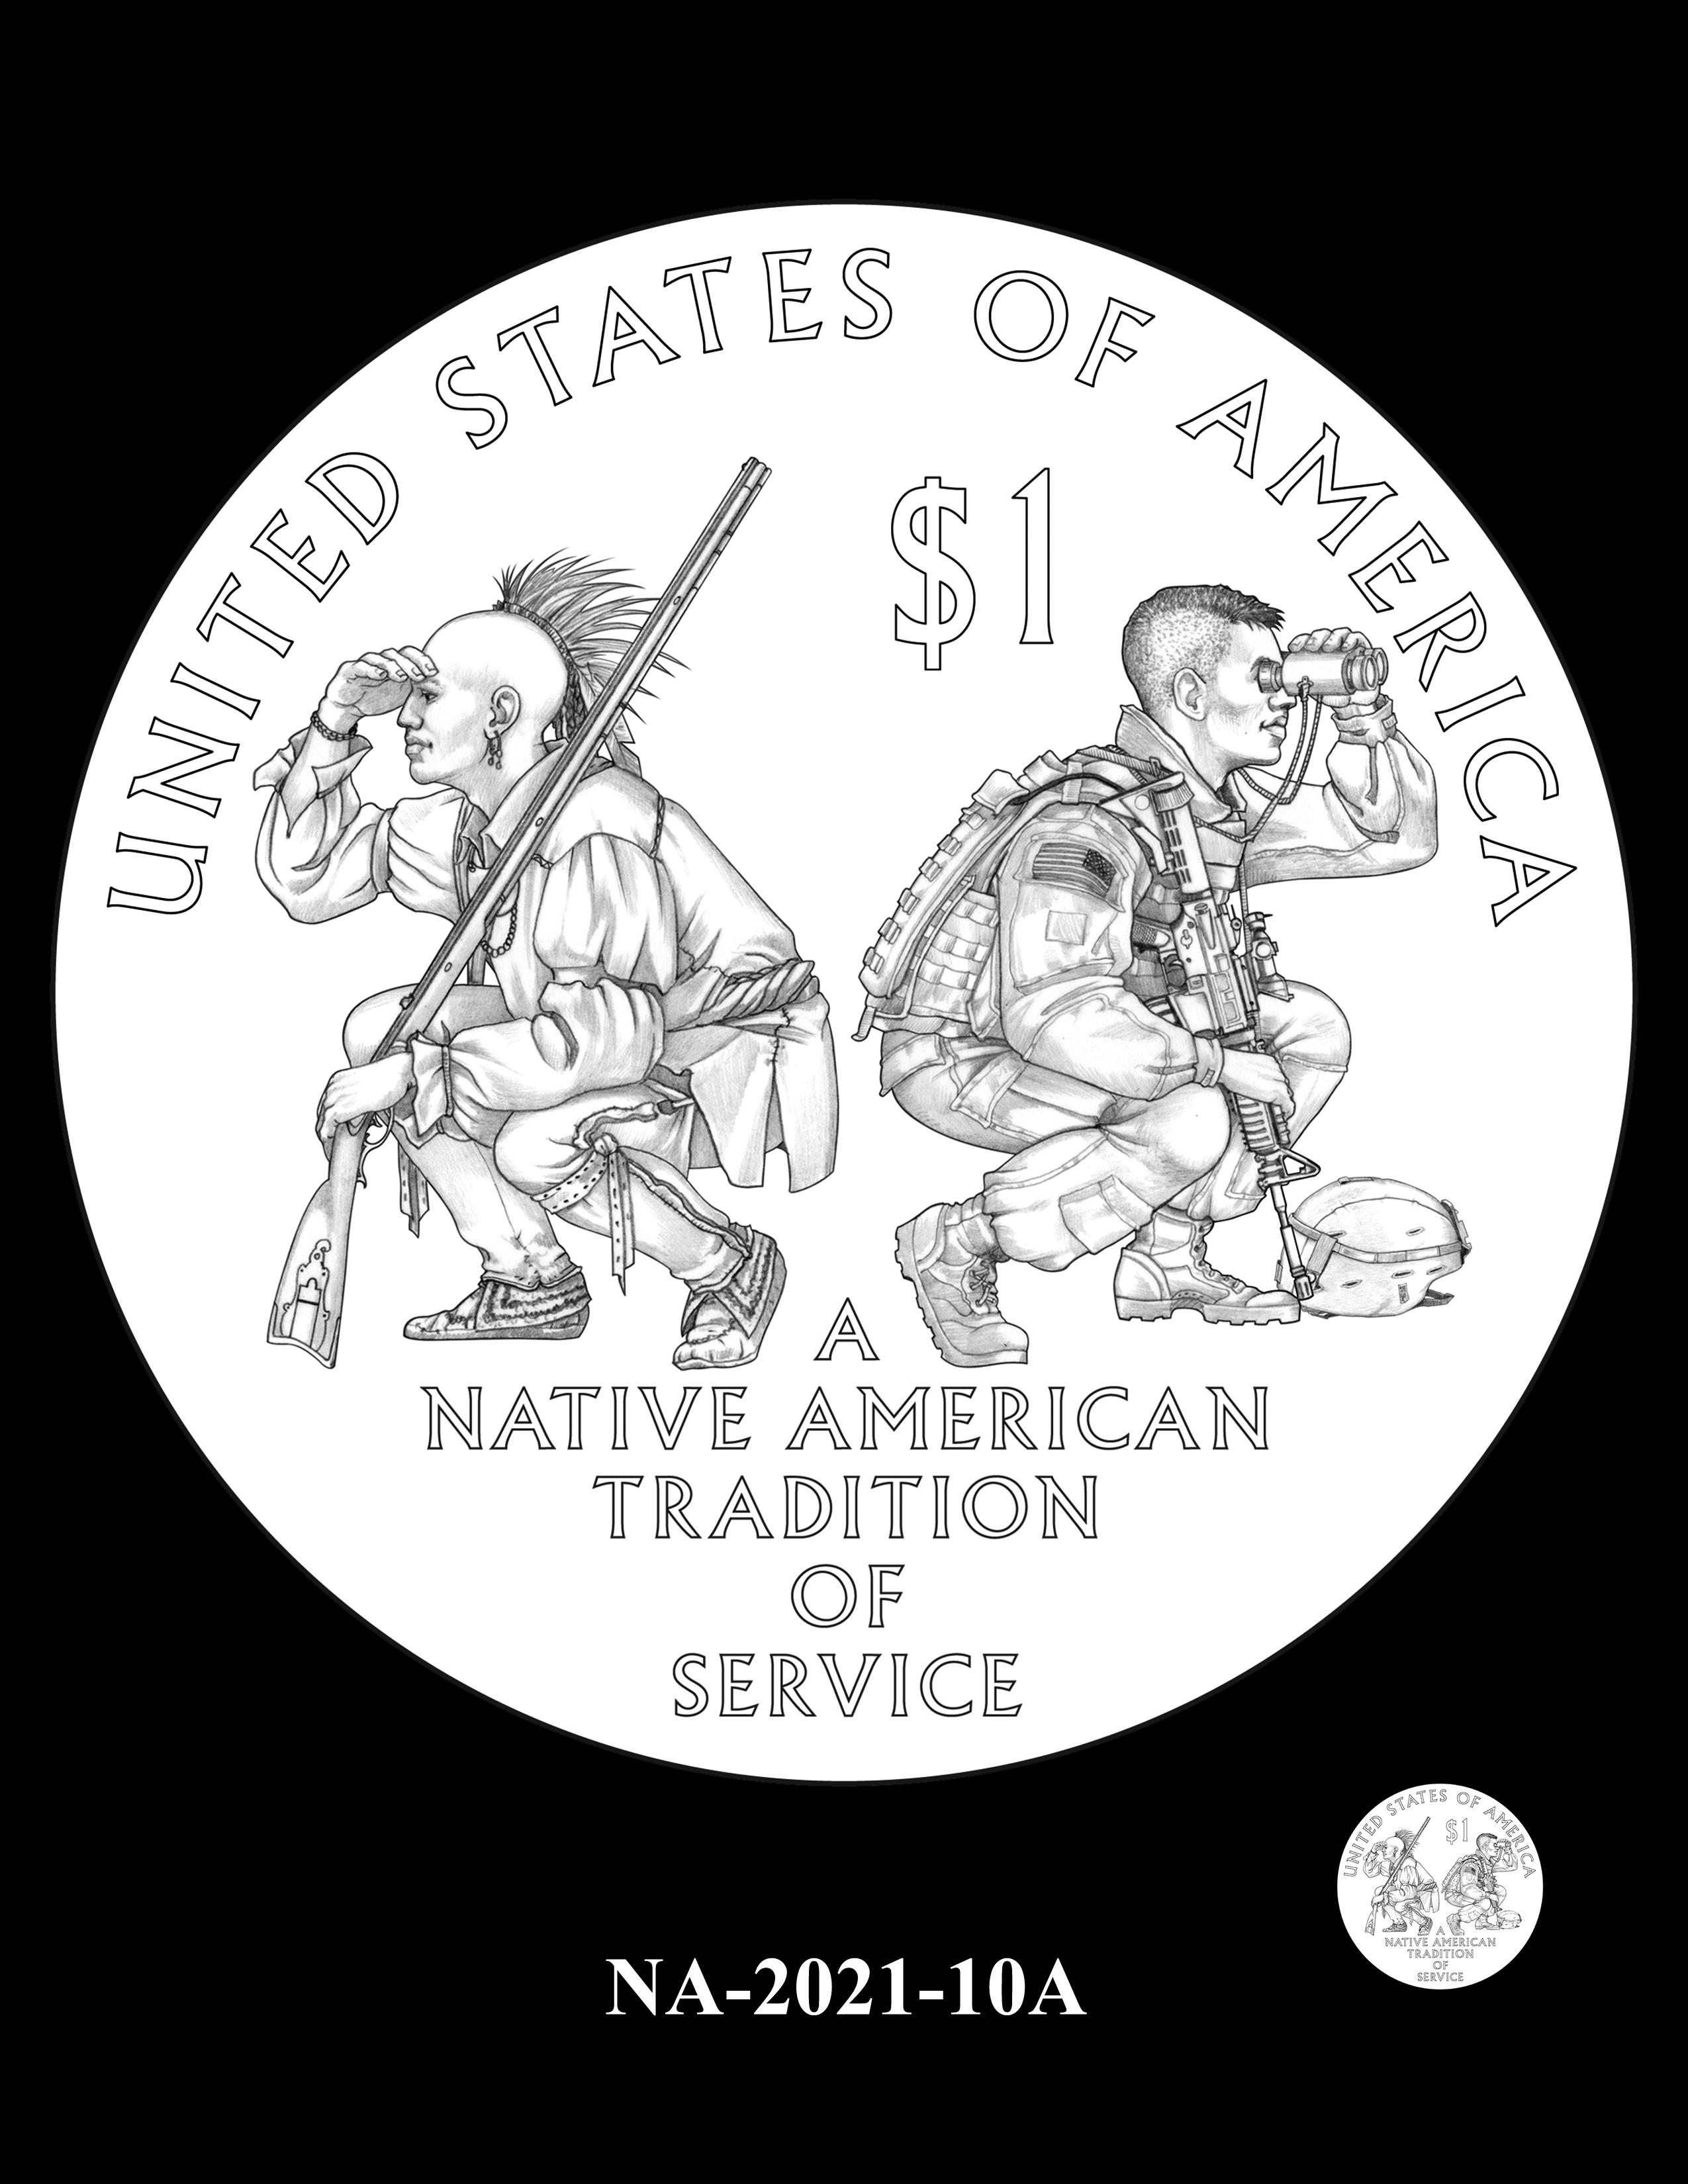 NA-2021-10A -- 2021 Native American $1